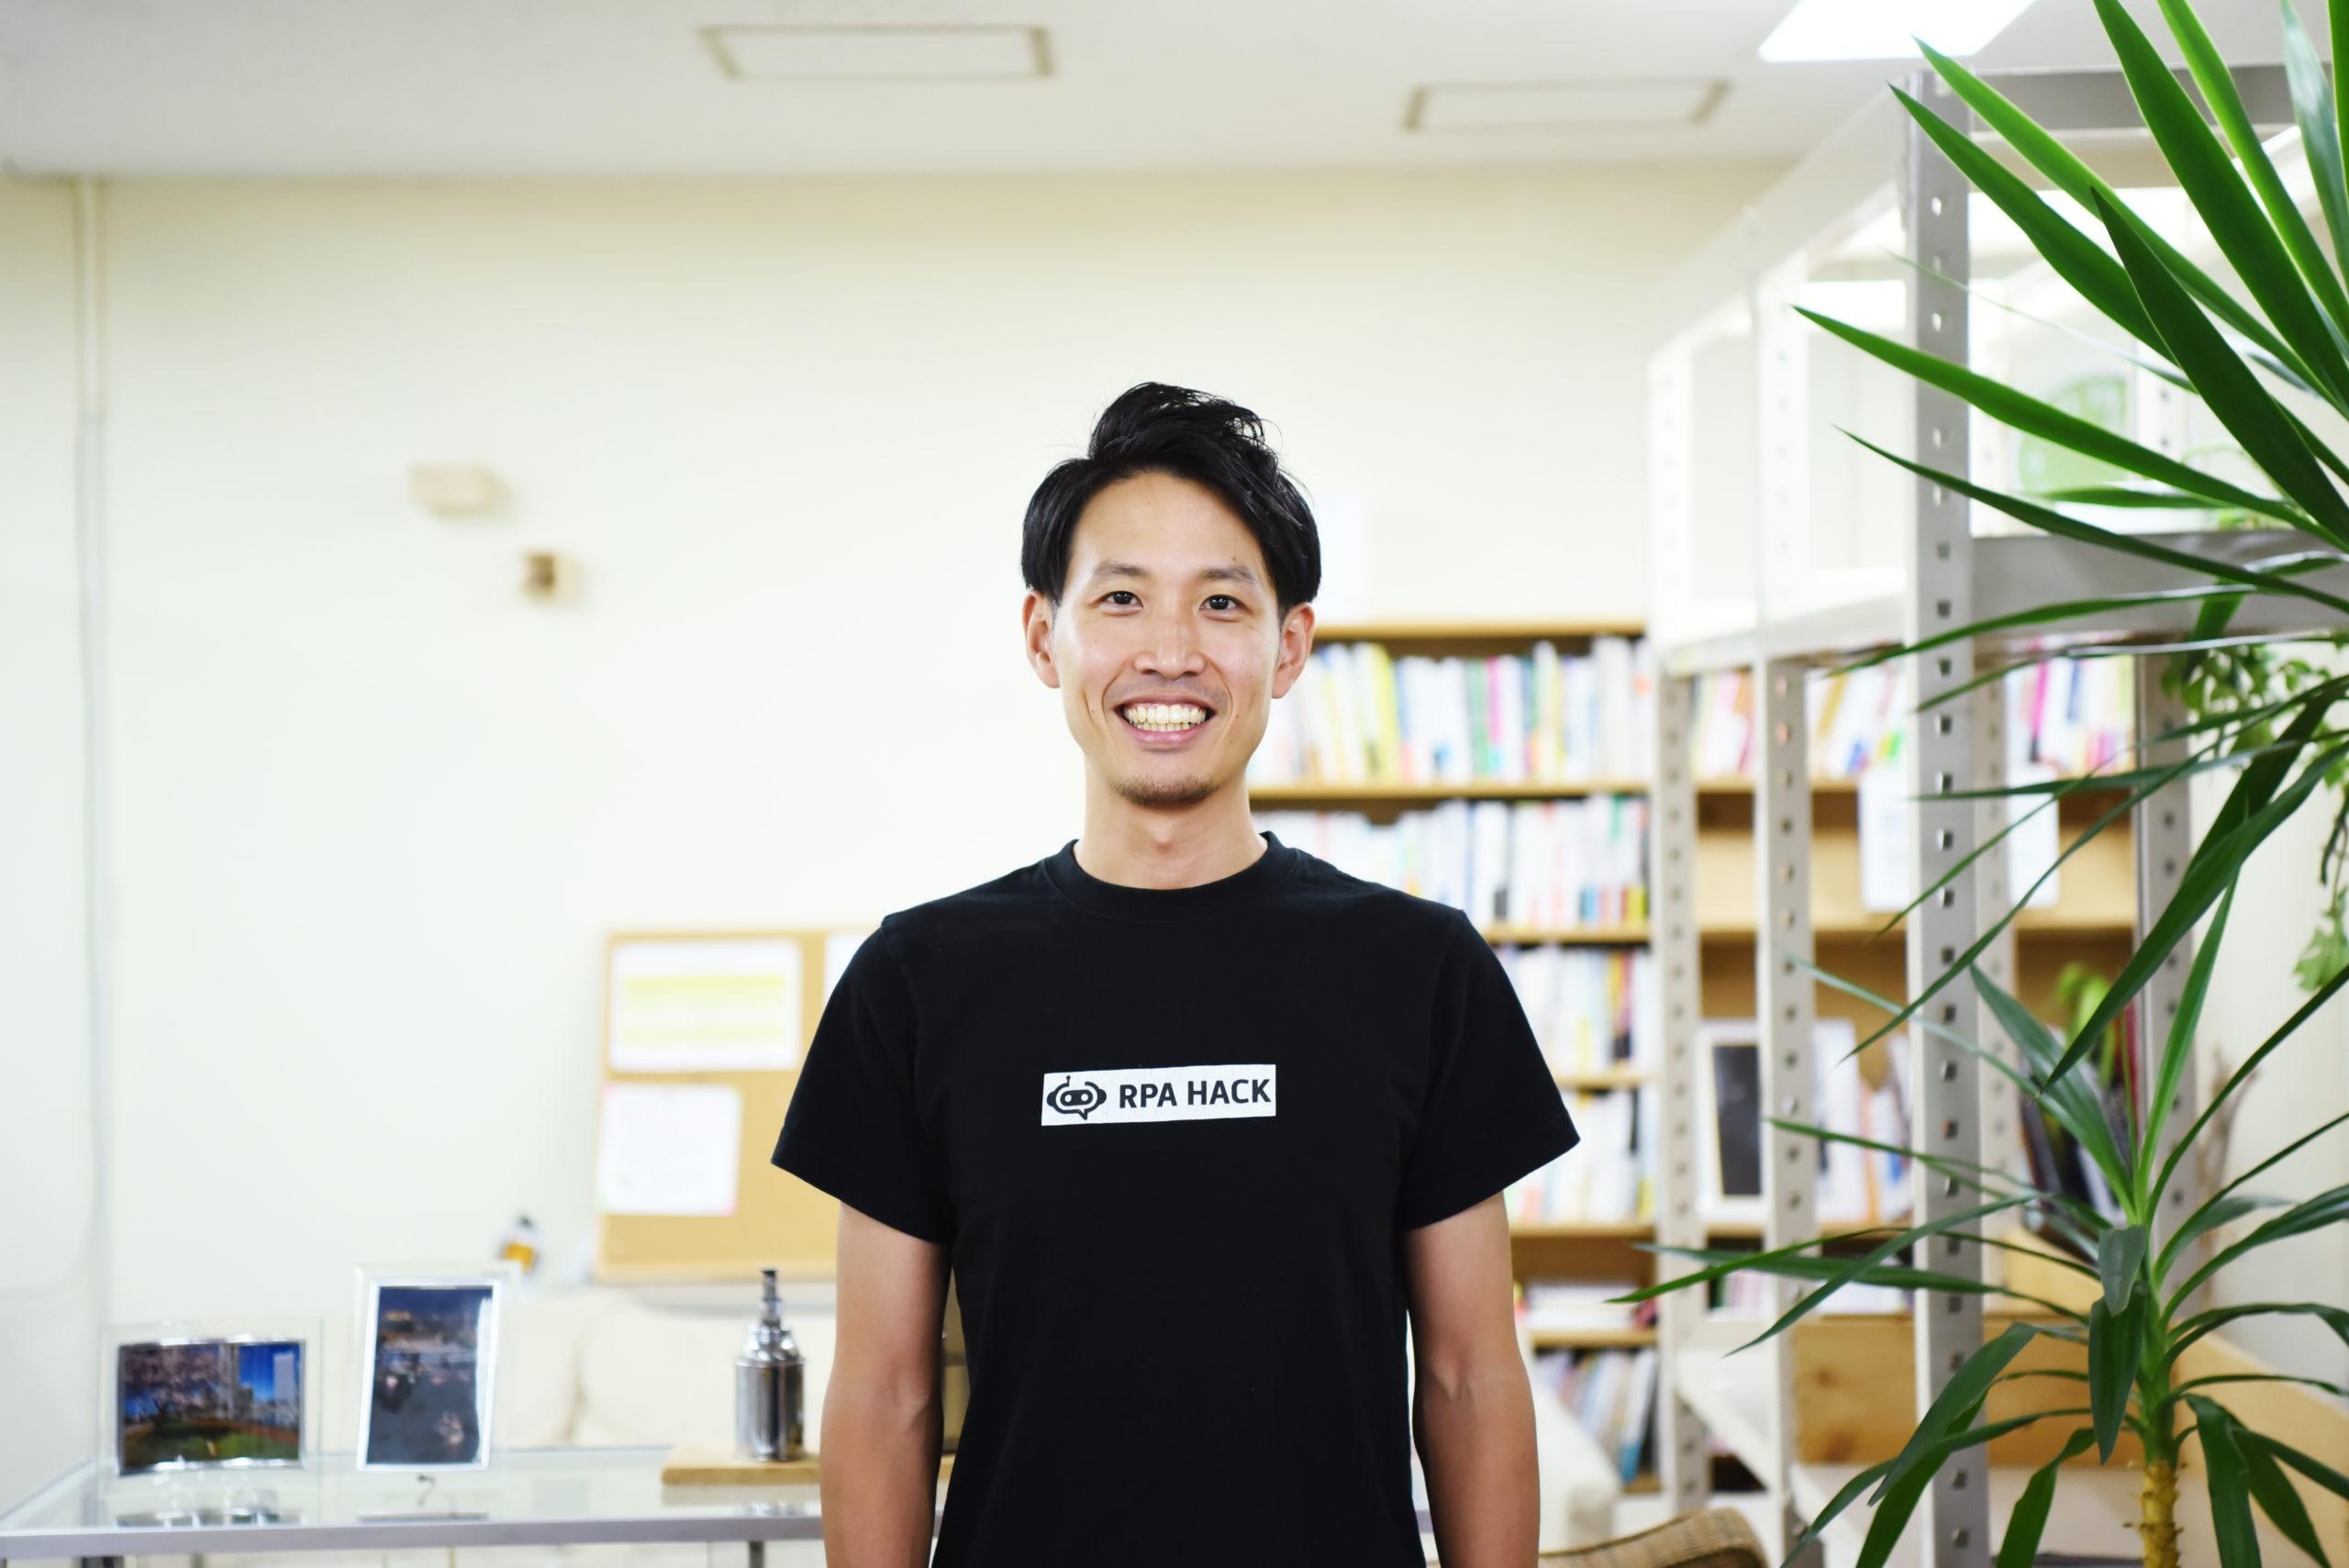 自動化が進む世界で、時代に合わせて変化する人を応援したい――藤澤専之介氏インタビュー